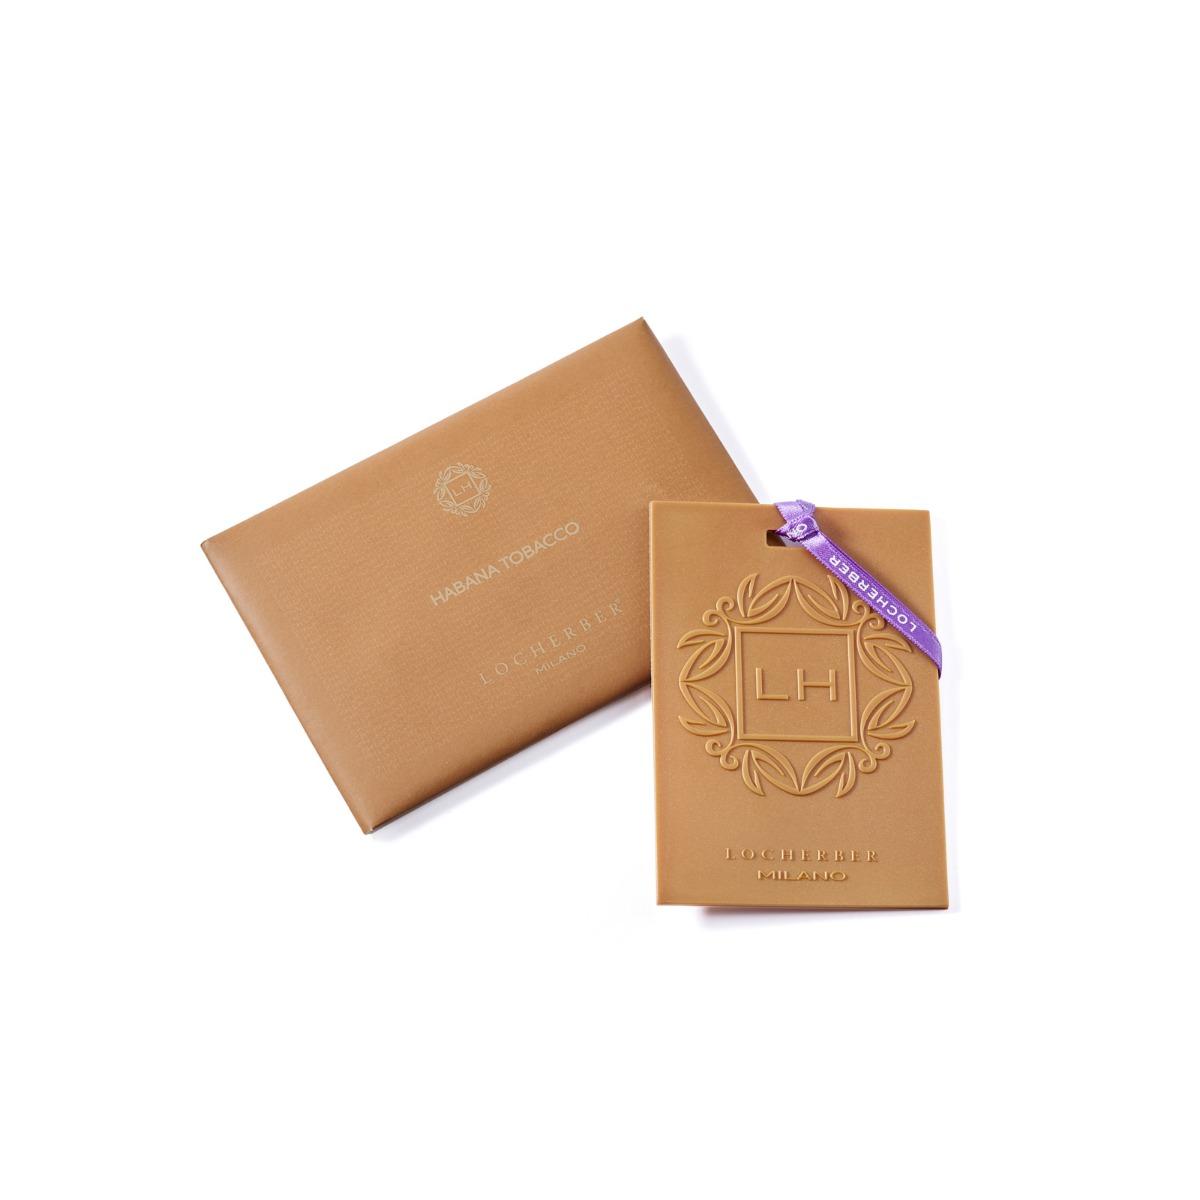 Karta zapachowa Habana Tobacco Miloo Home LCH-440112